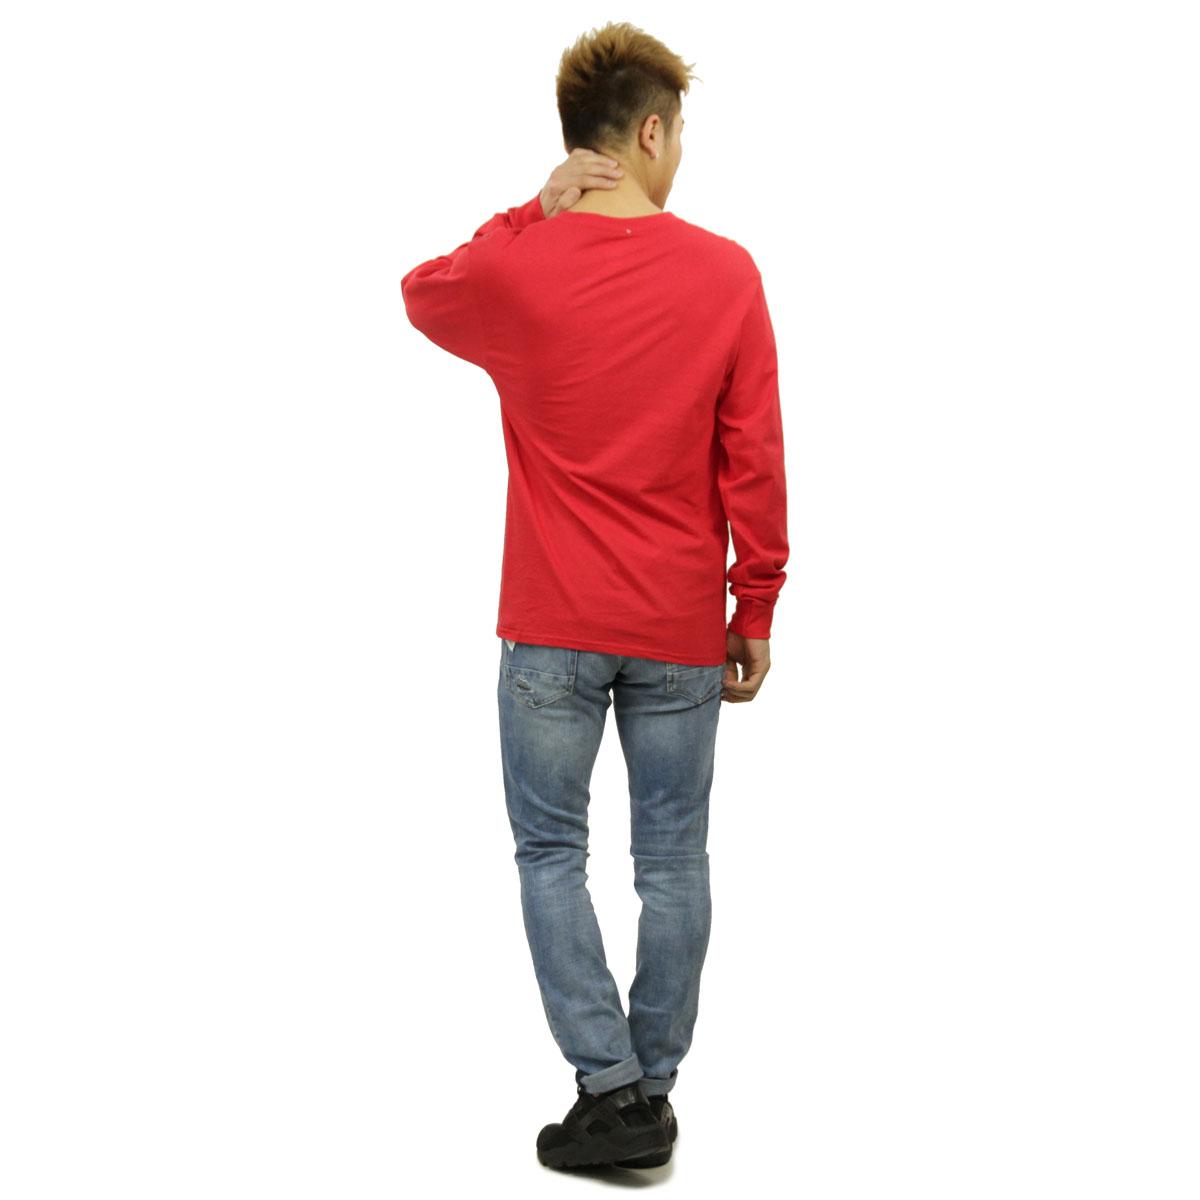 チャンピオン CHAMPION 正規品 メンズ 長袖Tシャツ L/S TEE T2229P Cotton Long Sleeve Tee W3J-TEAMREDSCARLET #549506 PATRIOTIC C LS